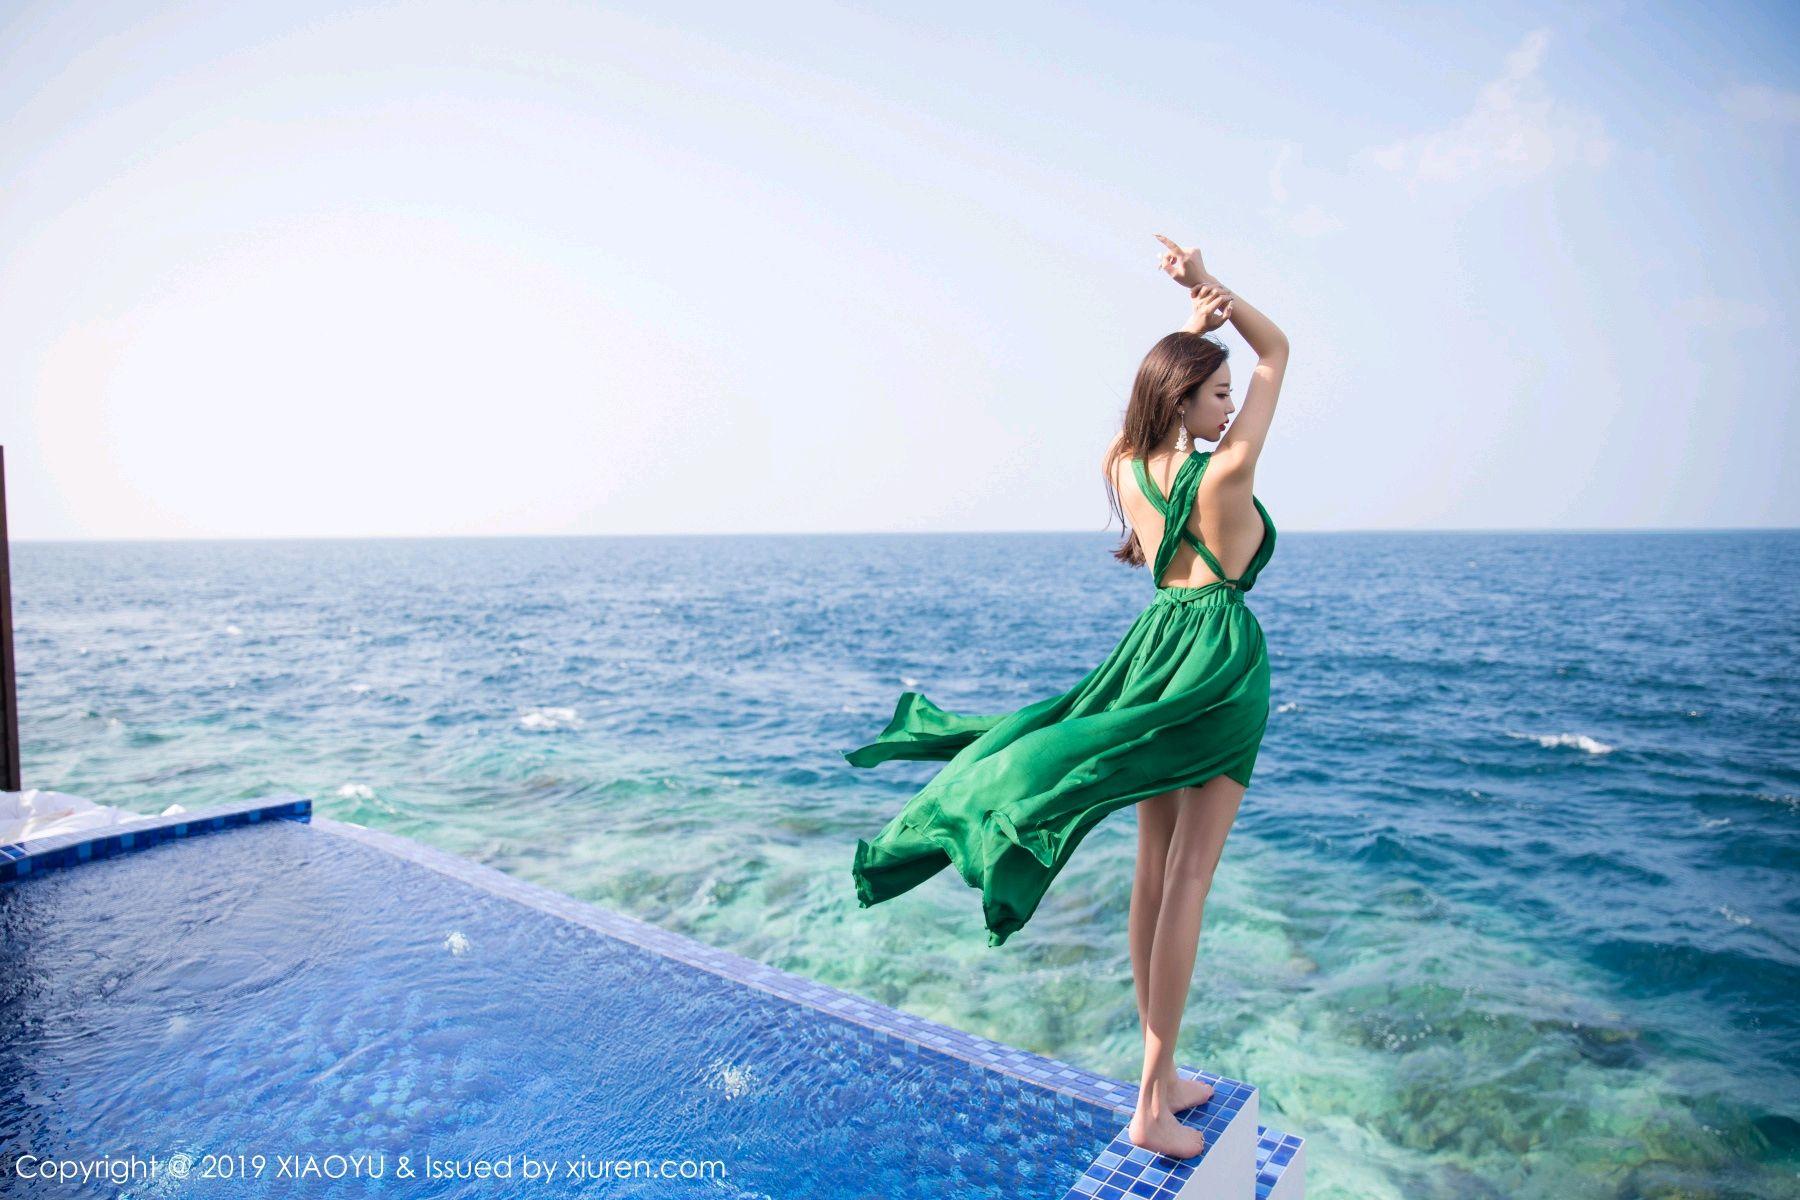 [XiaoYu] Vol.072 sugar 14P, Bikini, Swim Pool, XiaoYu, Yang Chen Chen